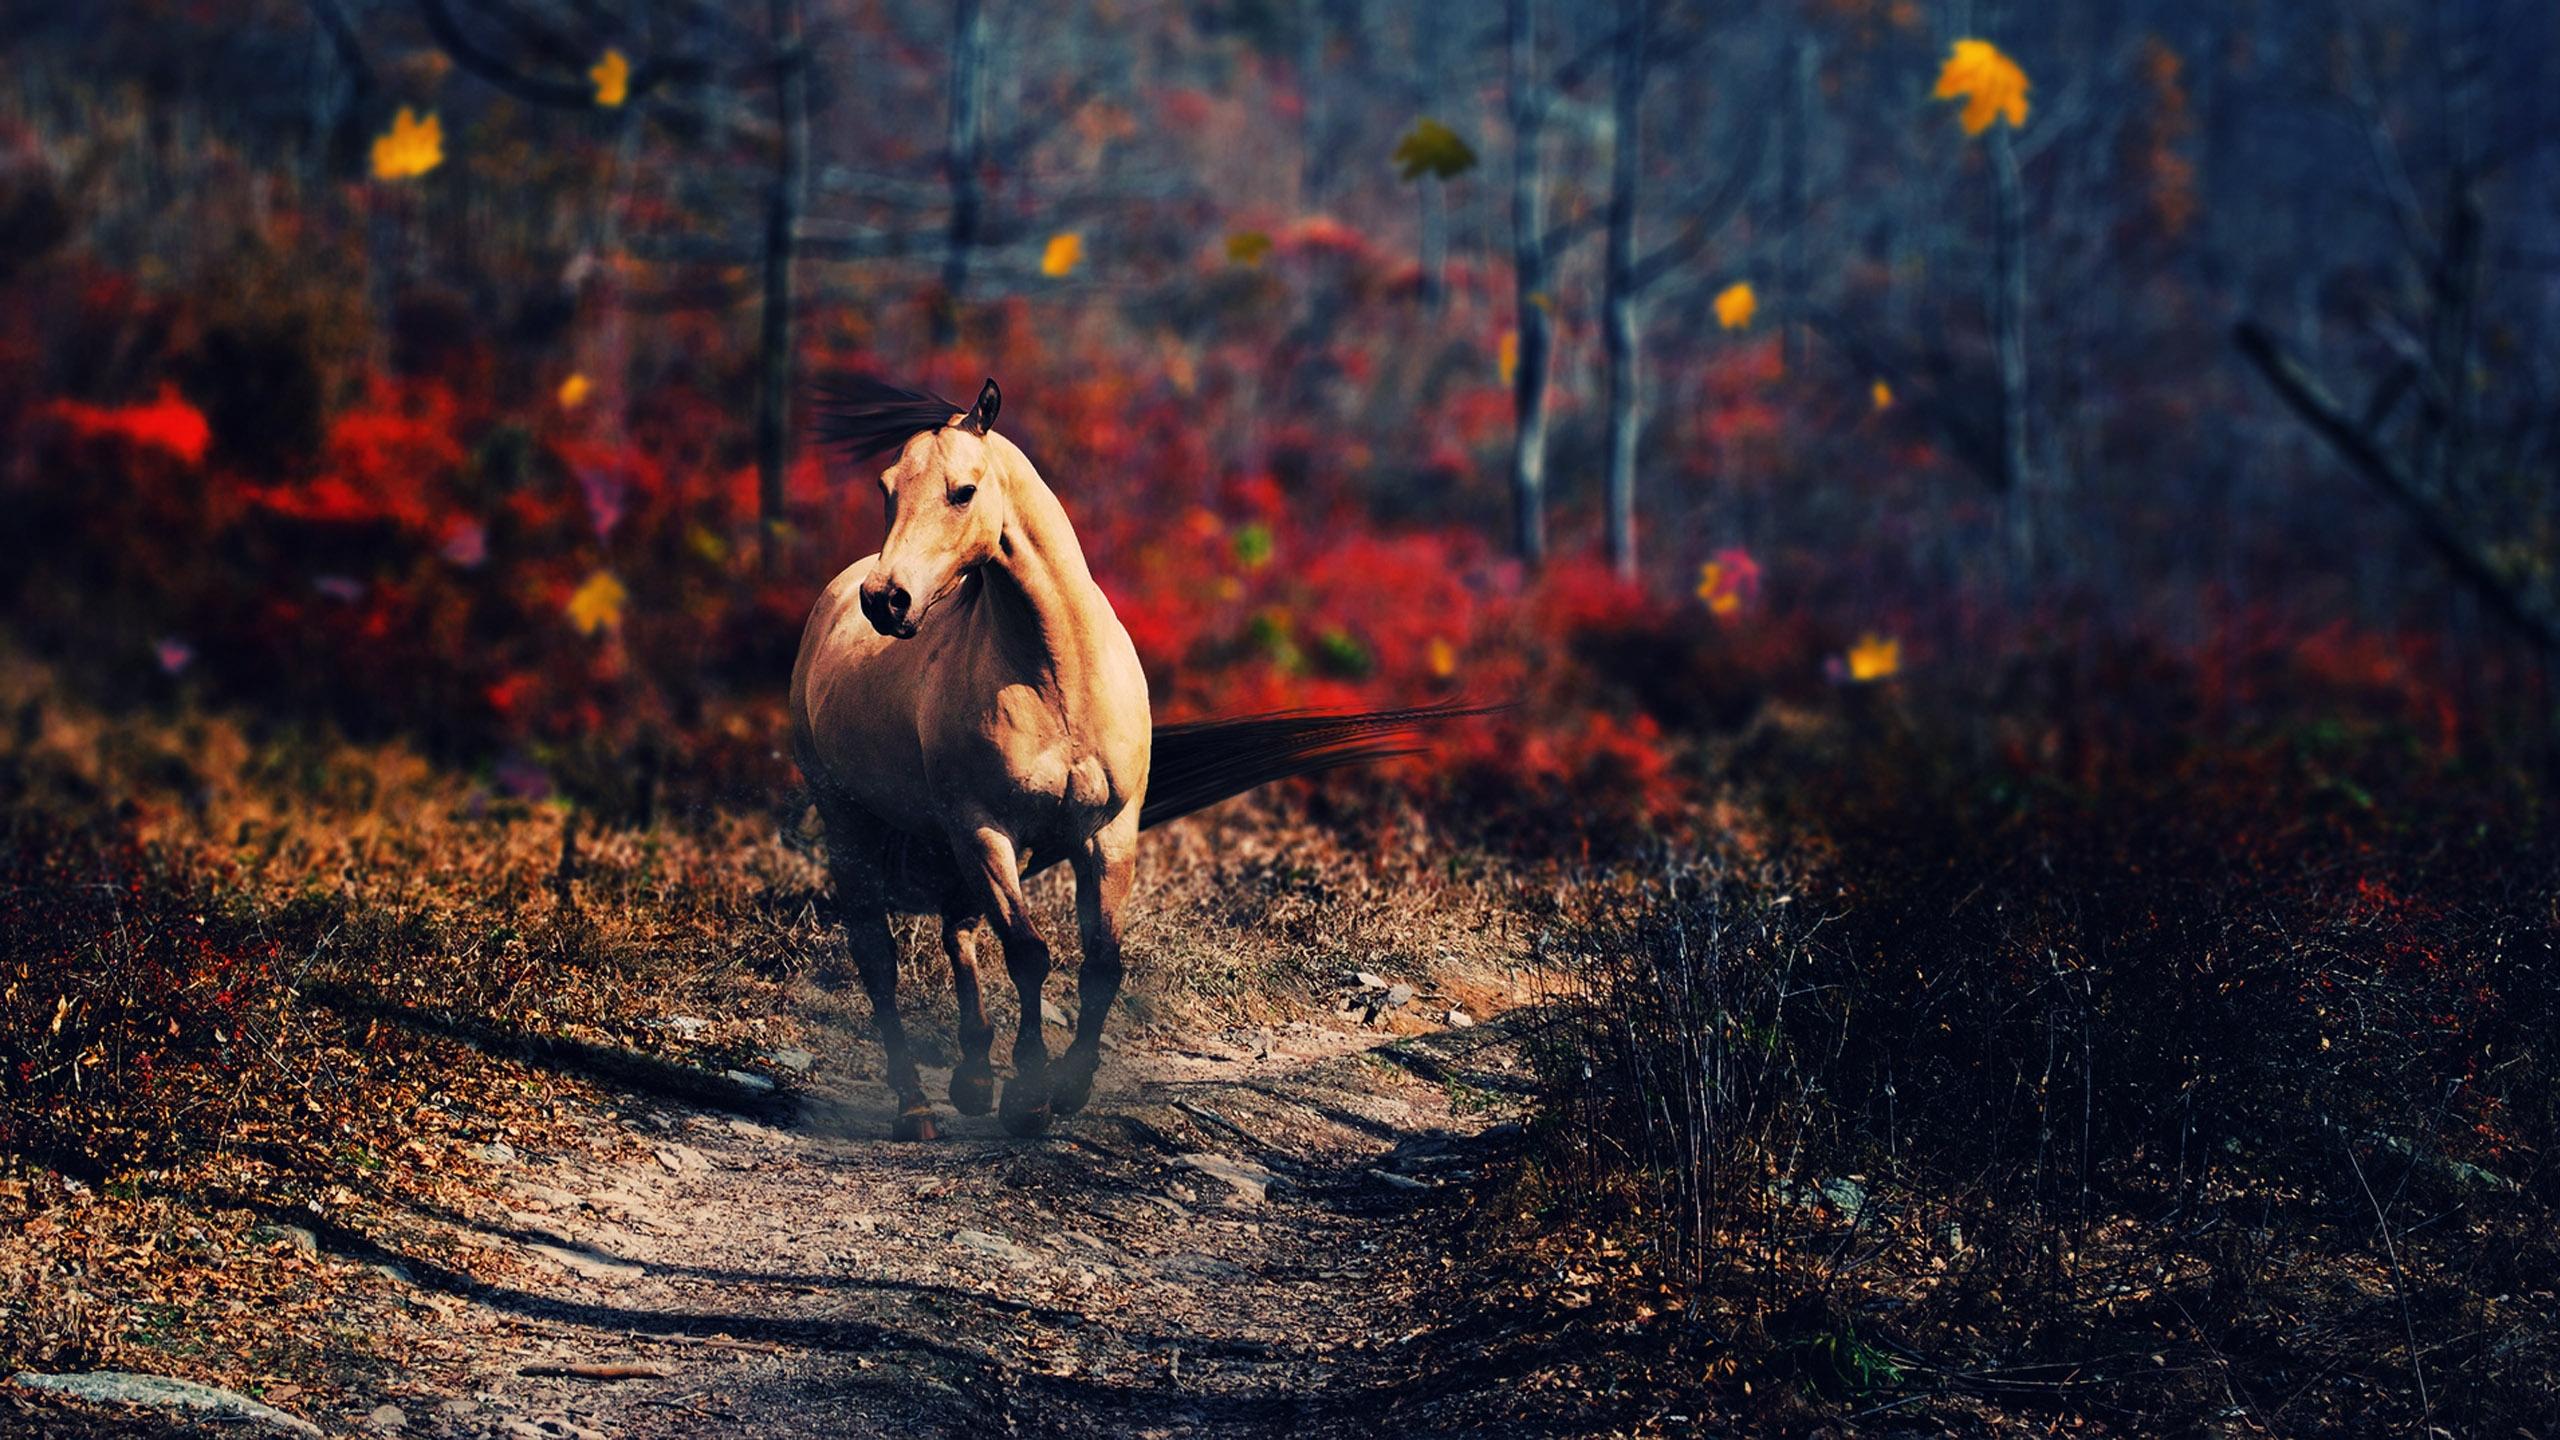 Horse Computer Wallpapers, Desktop Backgrounds | 2560x1440 ...